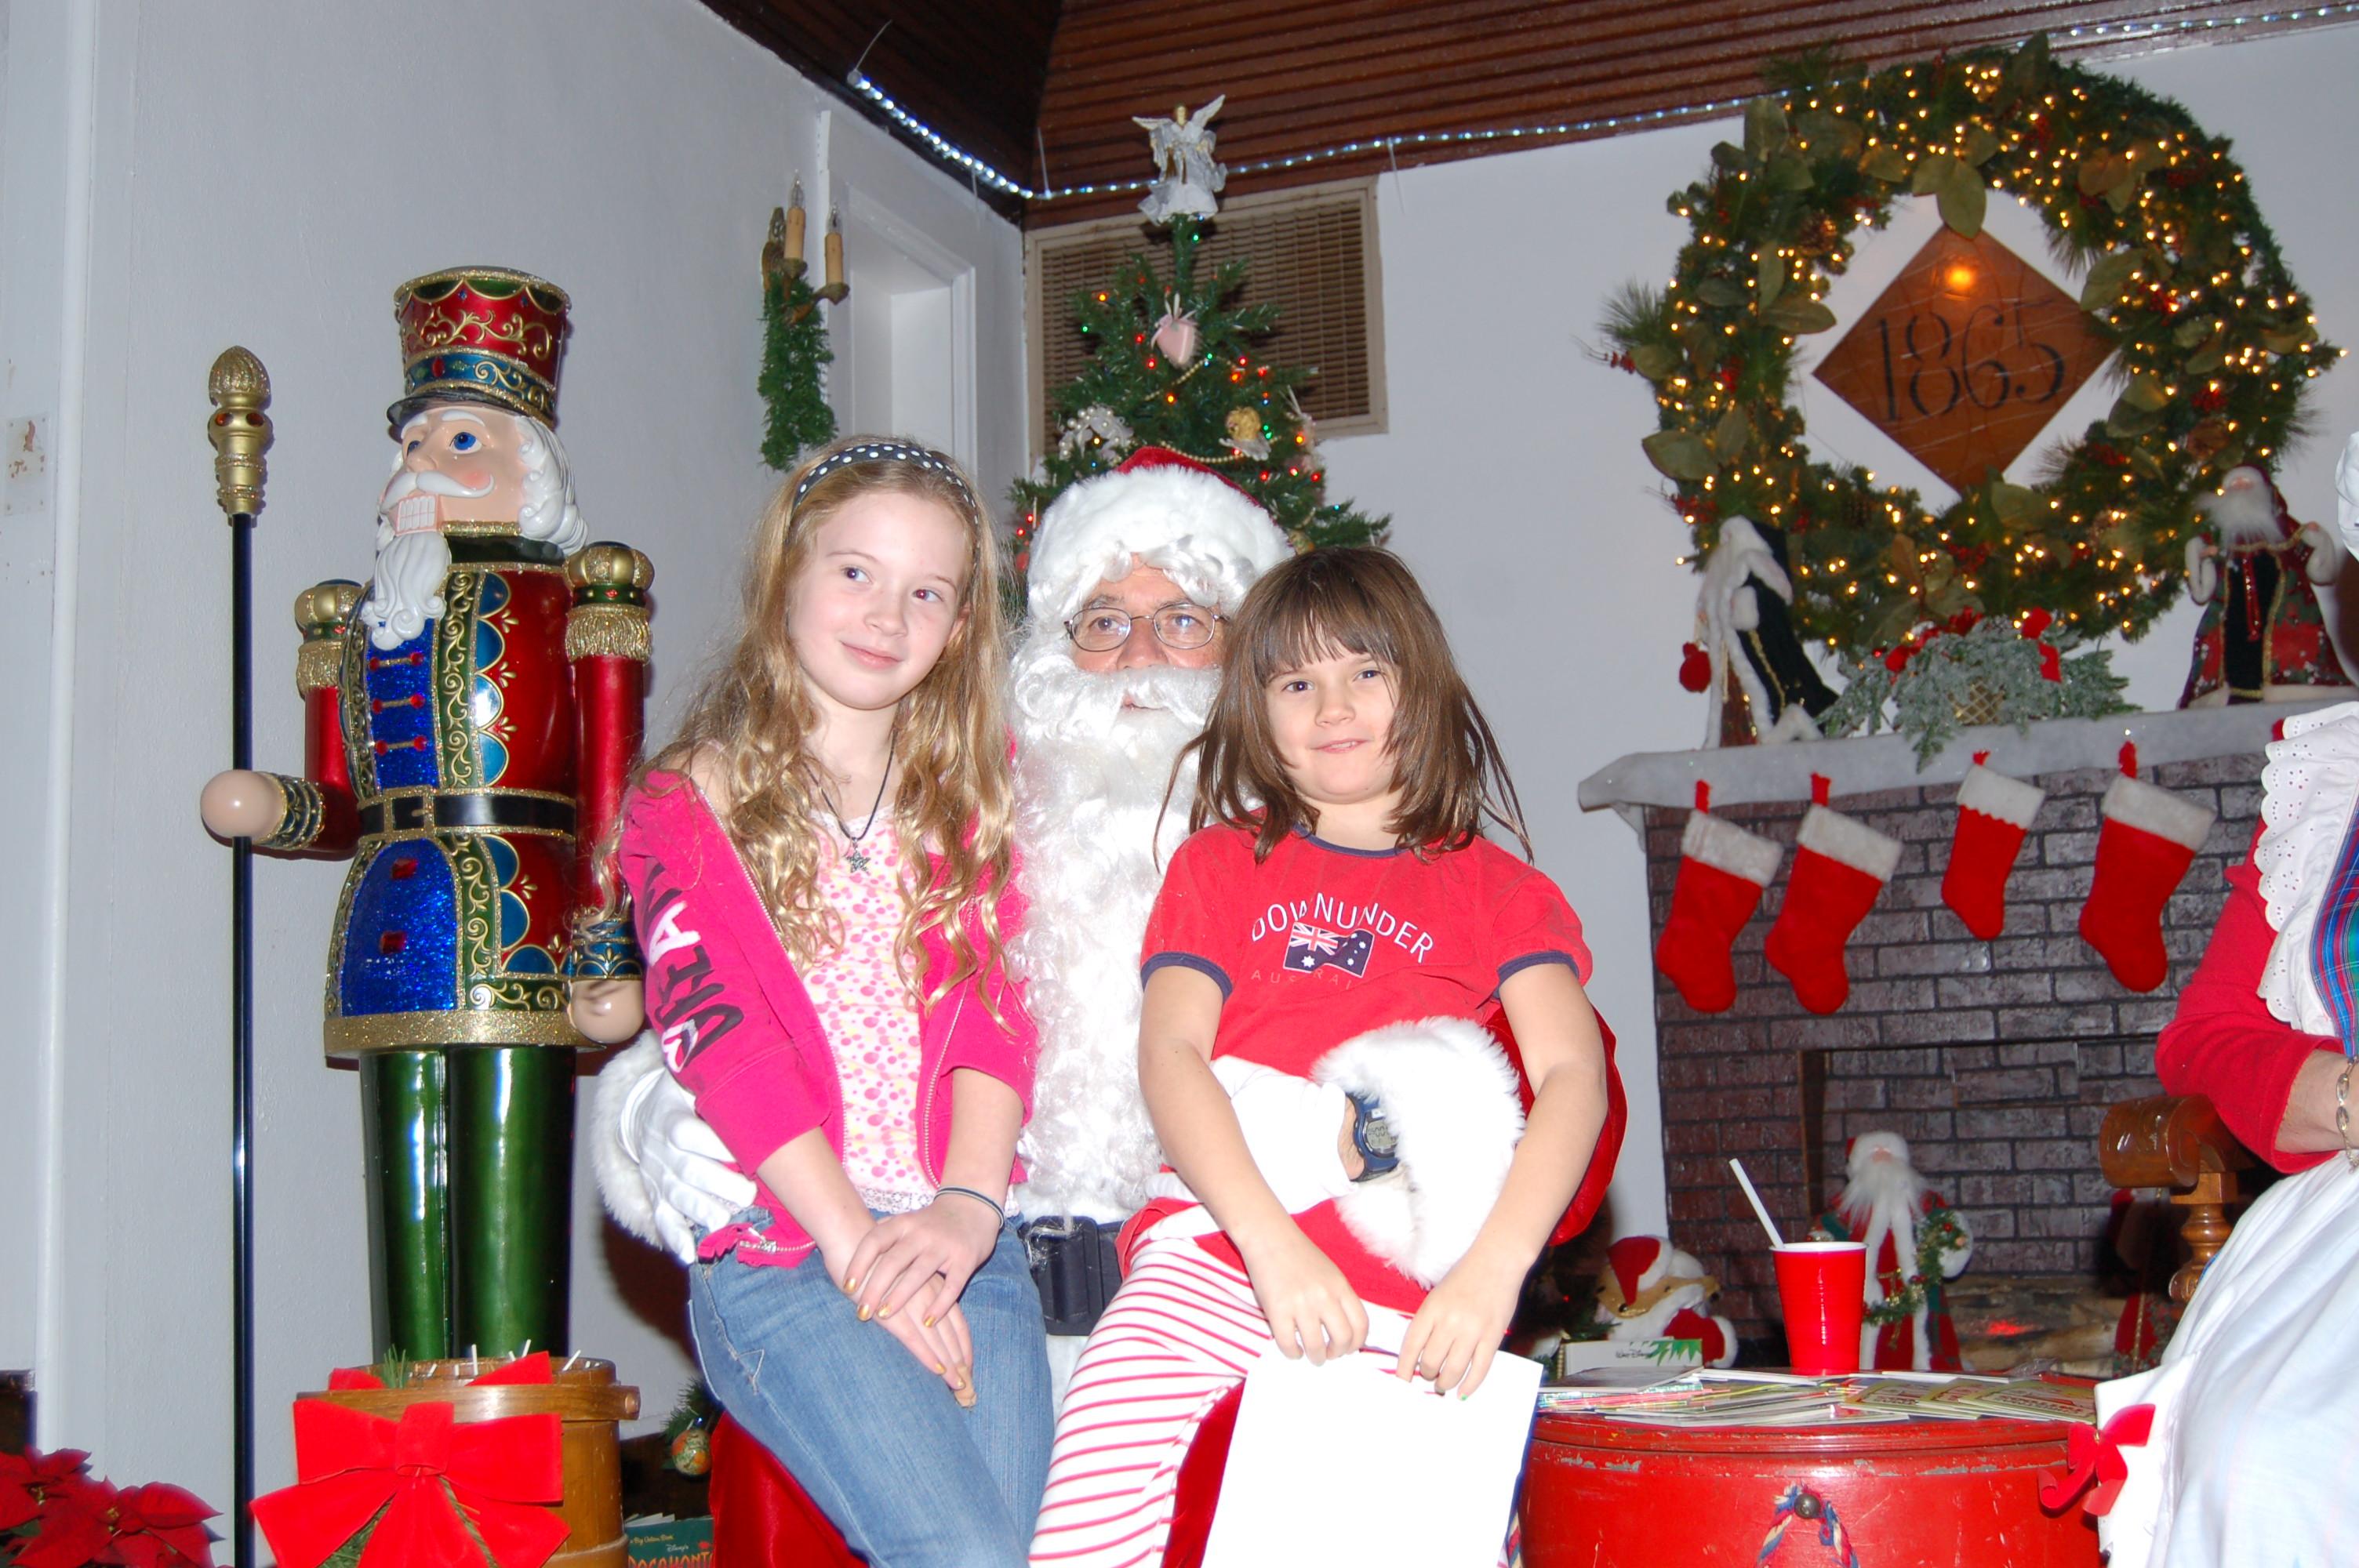 LolliPop+Lane+12-12-2008+Picture+023.jpg